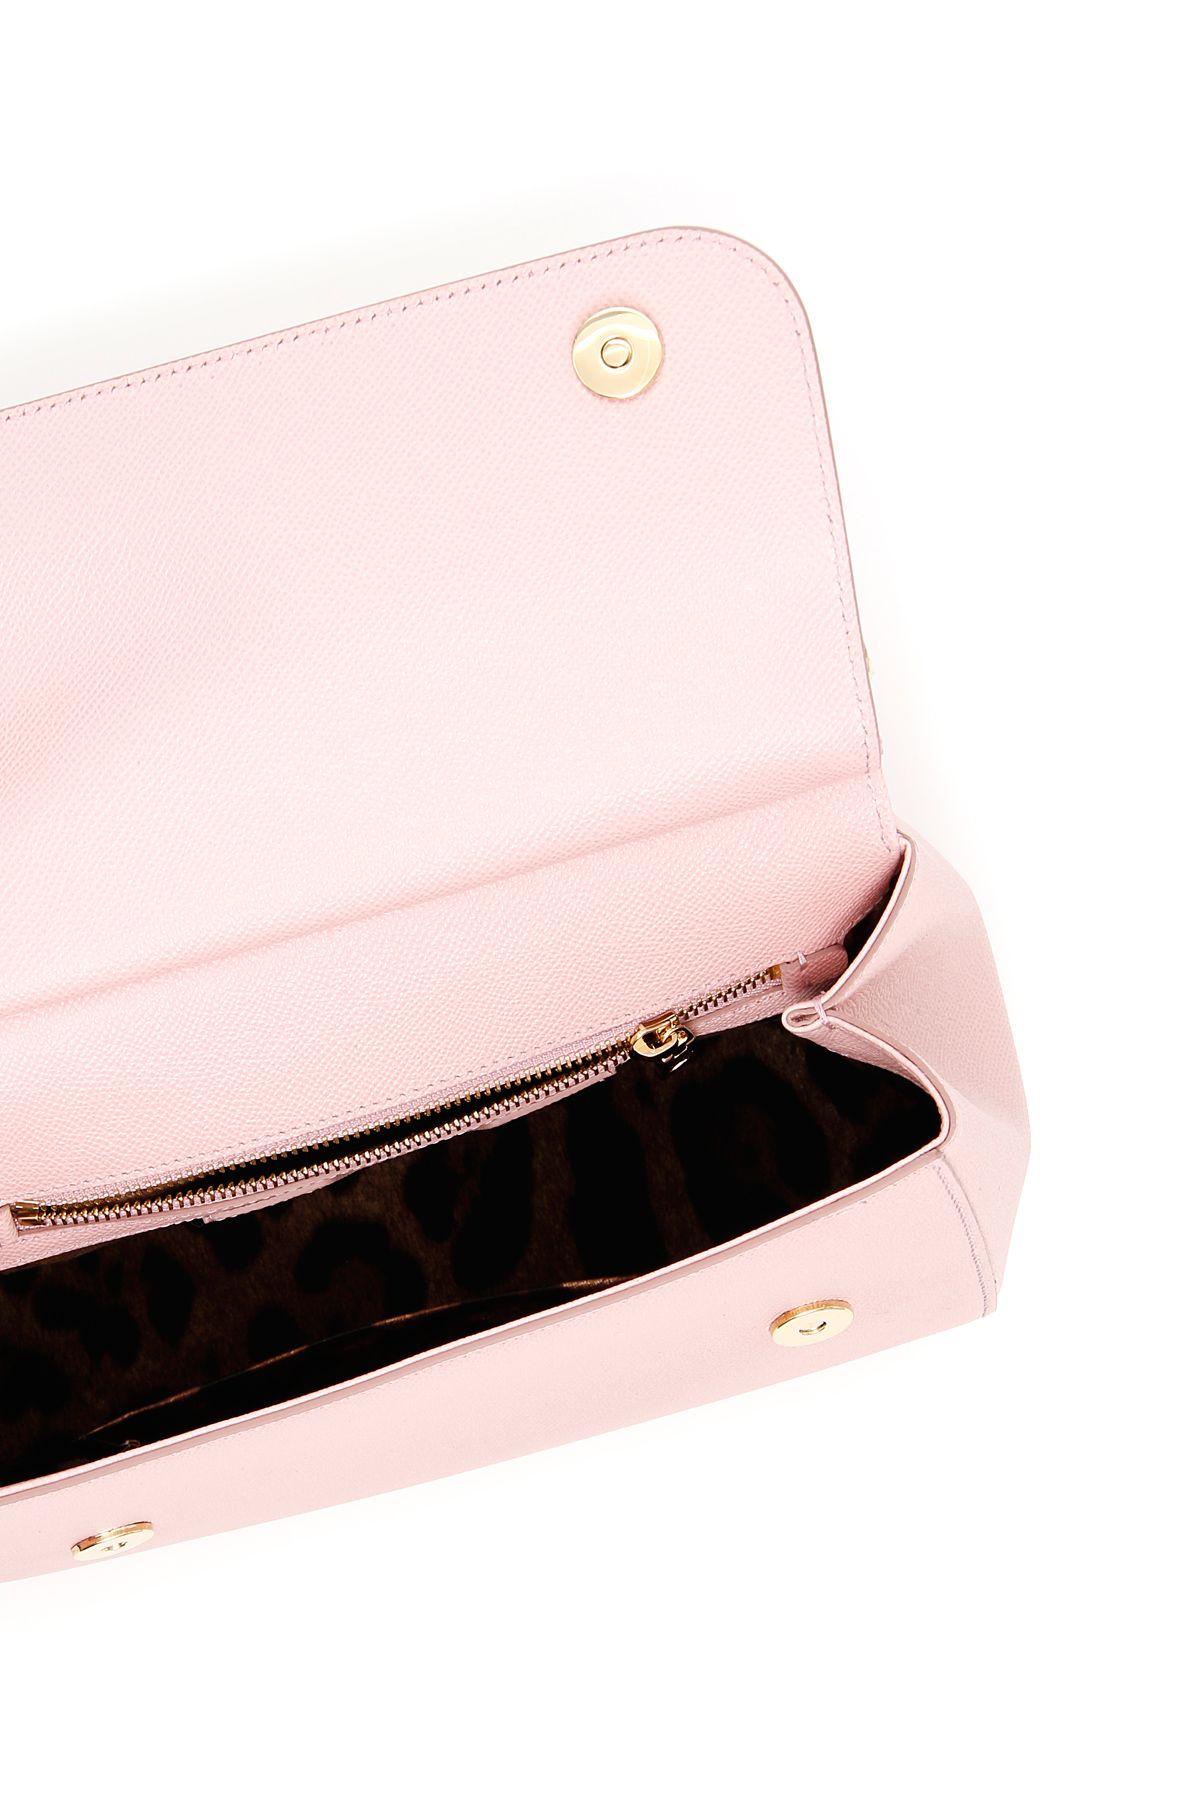 a61e215dabe3 Dolce   Gabbana Dolce   Gabbana Medium Sicily Bag - ROSA CARNE 2 ...